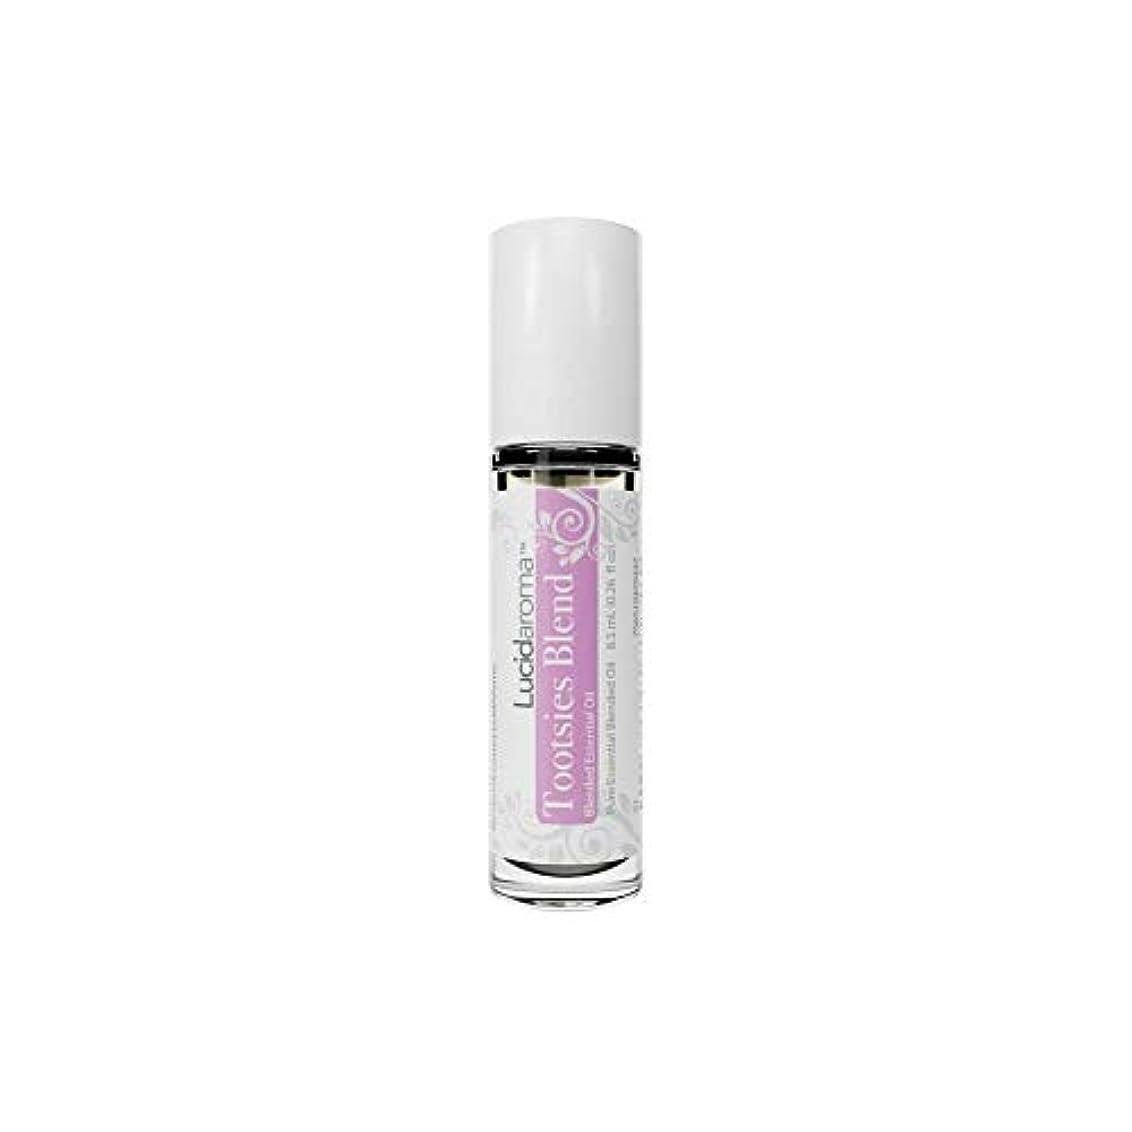 モンゴメリートレイル適応するLucid Aroma Tootsies Blend トッツィーブレンド ロールオン アロマオイル 8.5mL (塗るアロマ) 100%天然 携帯便利 ピュア エッセンシャル アメリカ製